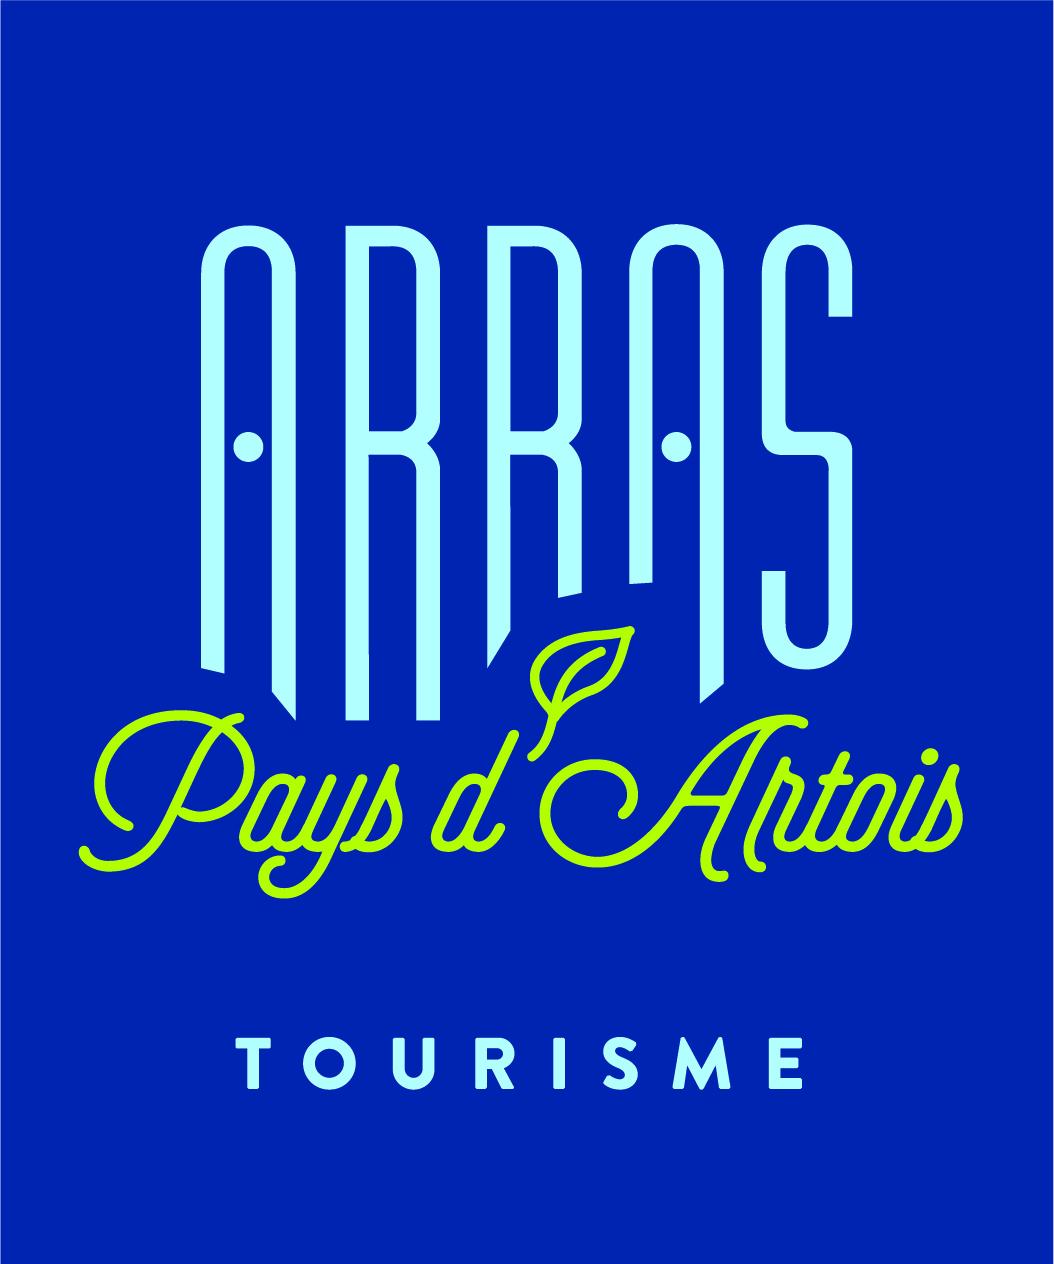 Arras Tourisme